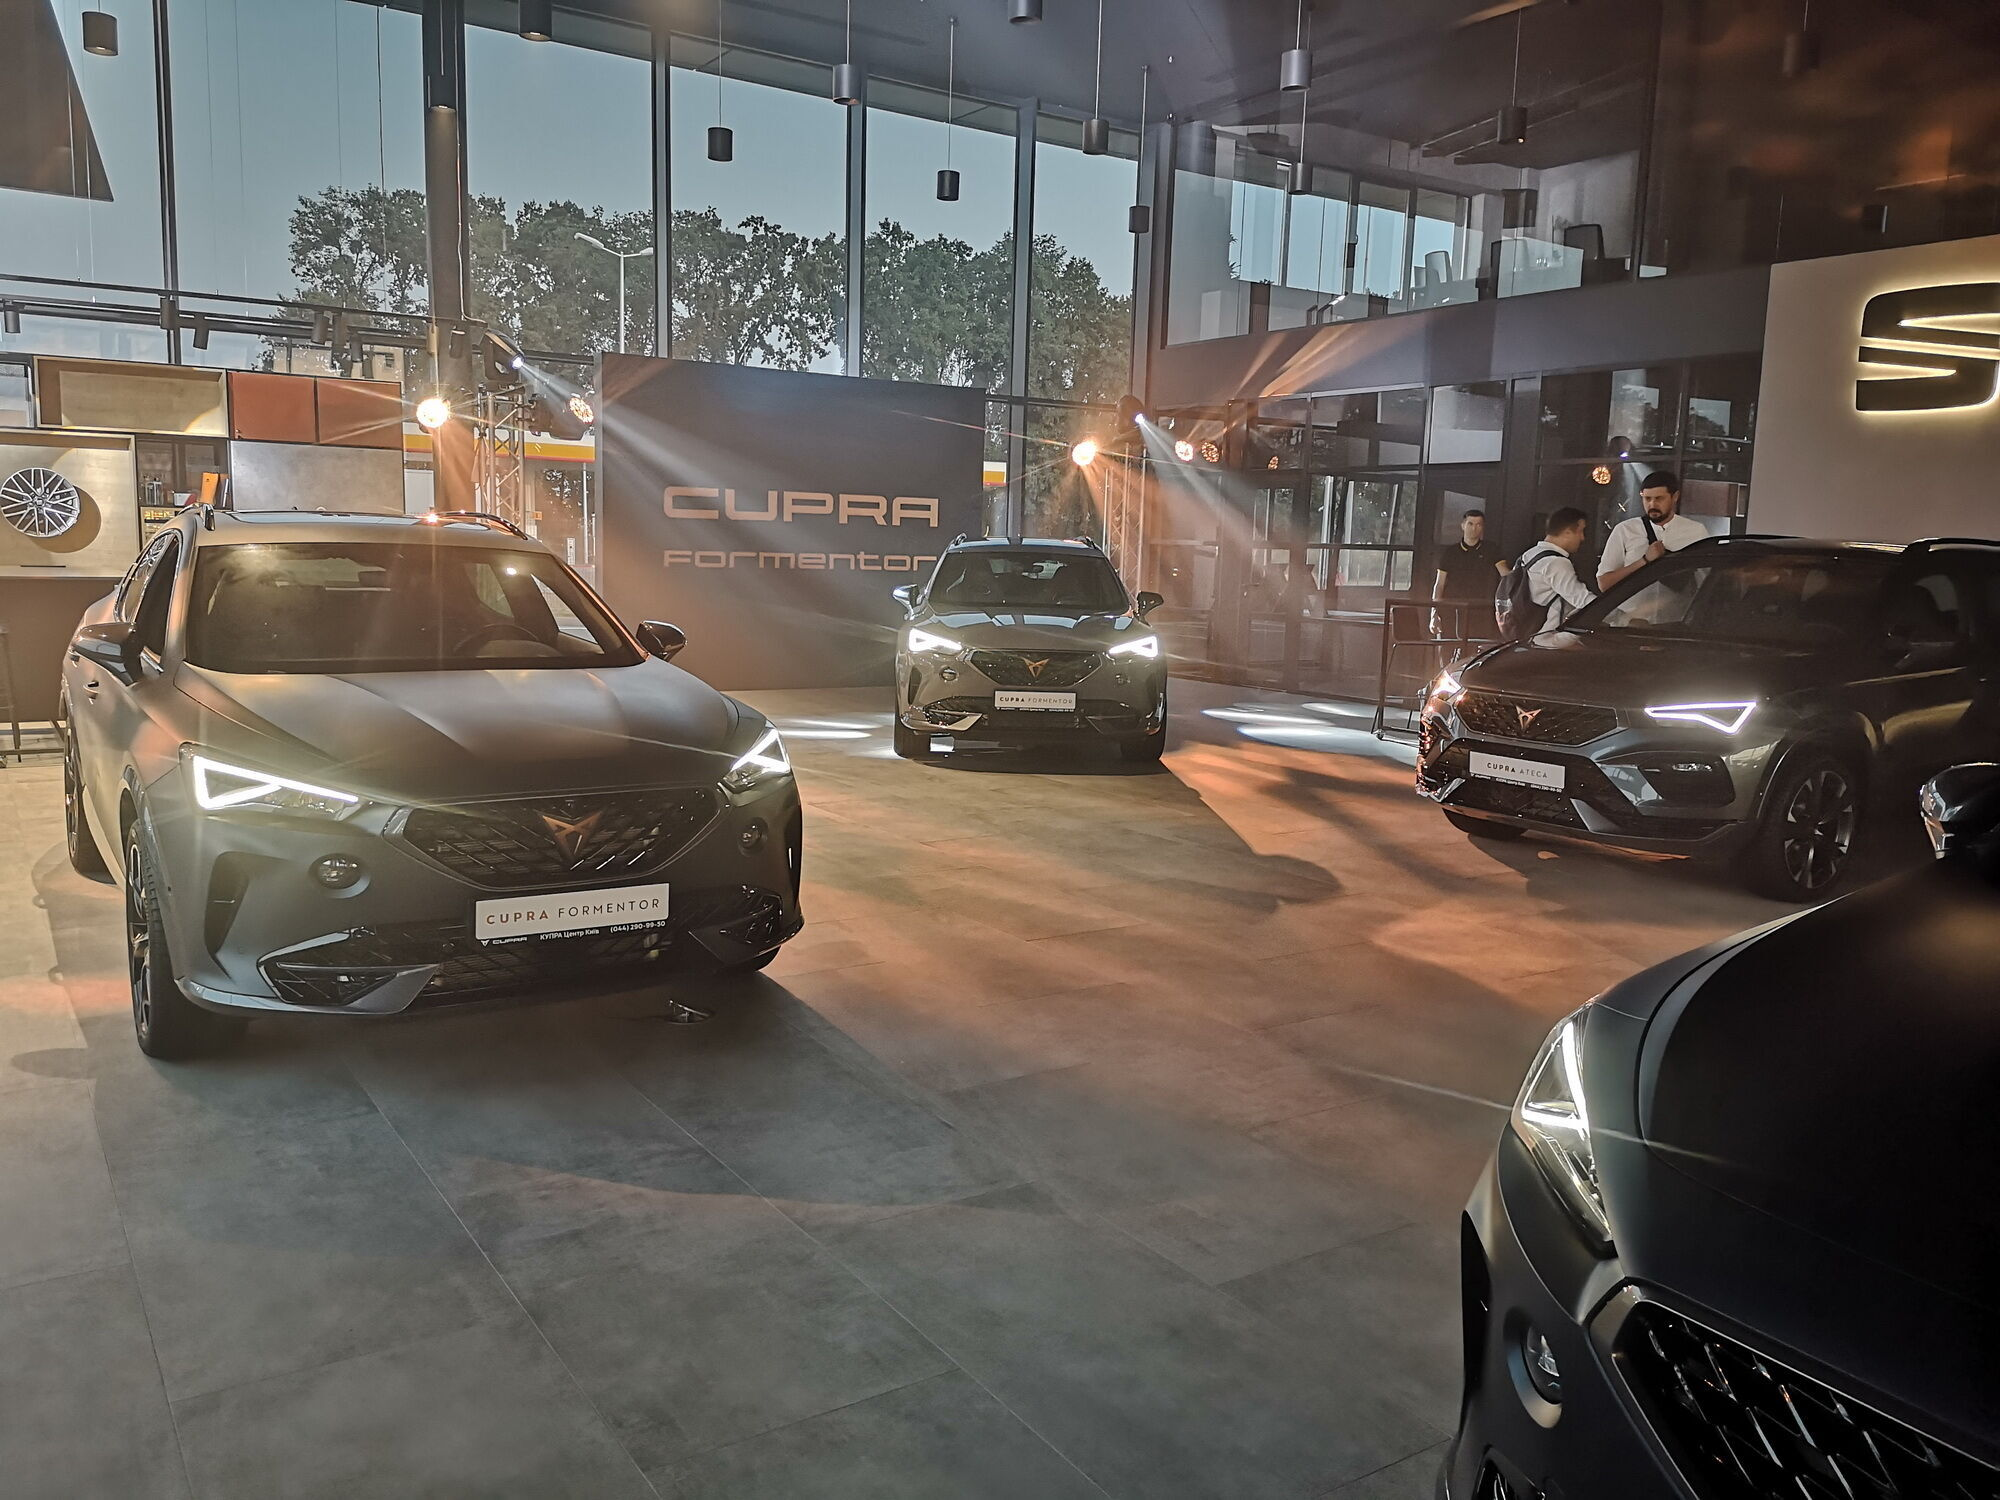 Спочатку автолюбителям будуть доступні два кросовера – Cupra Formentor та Ateca